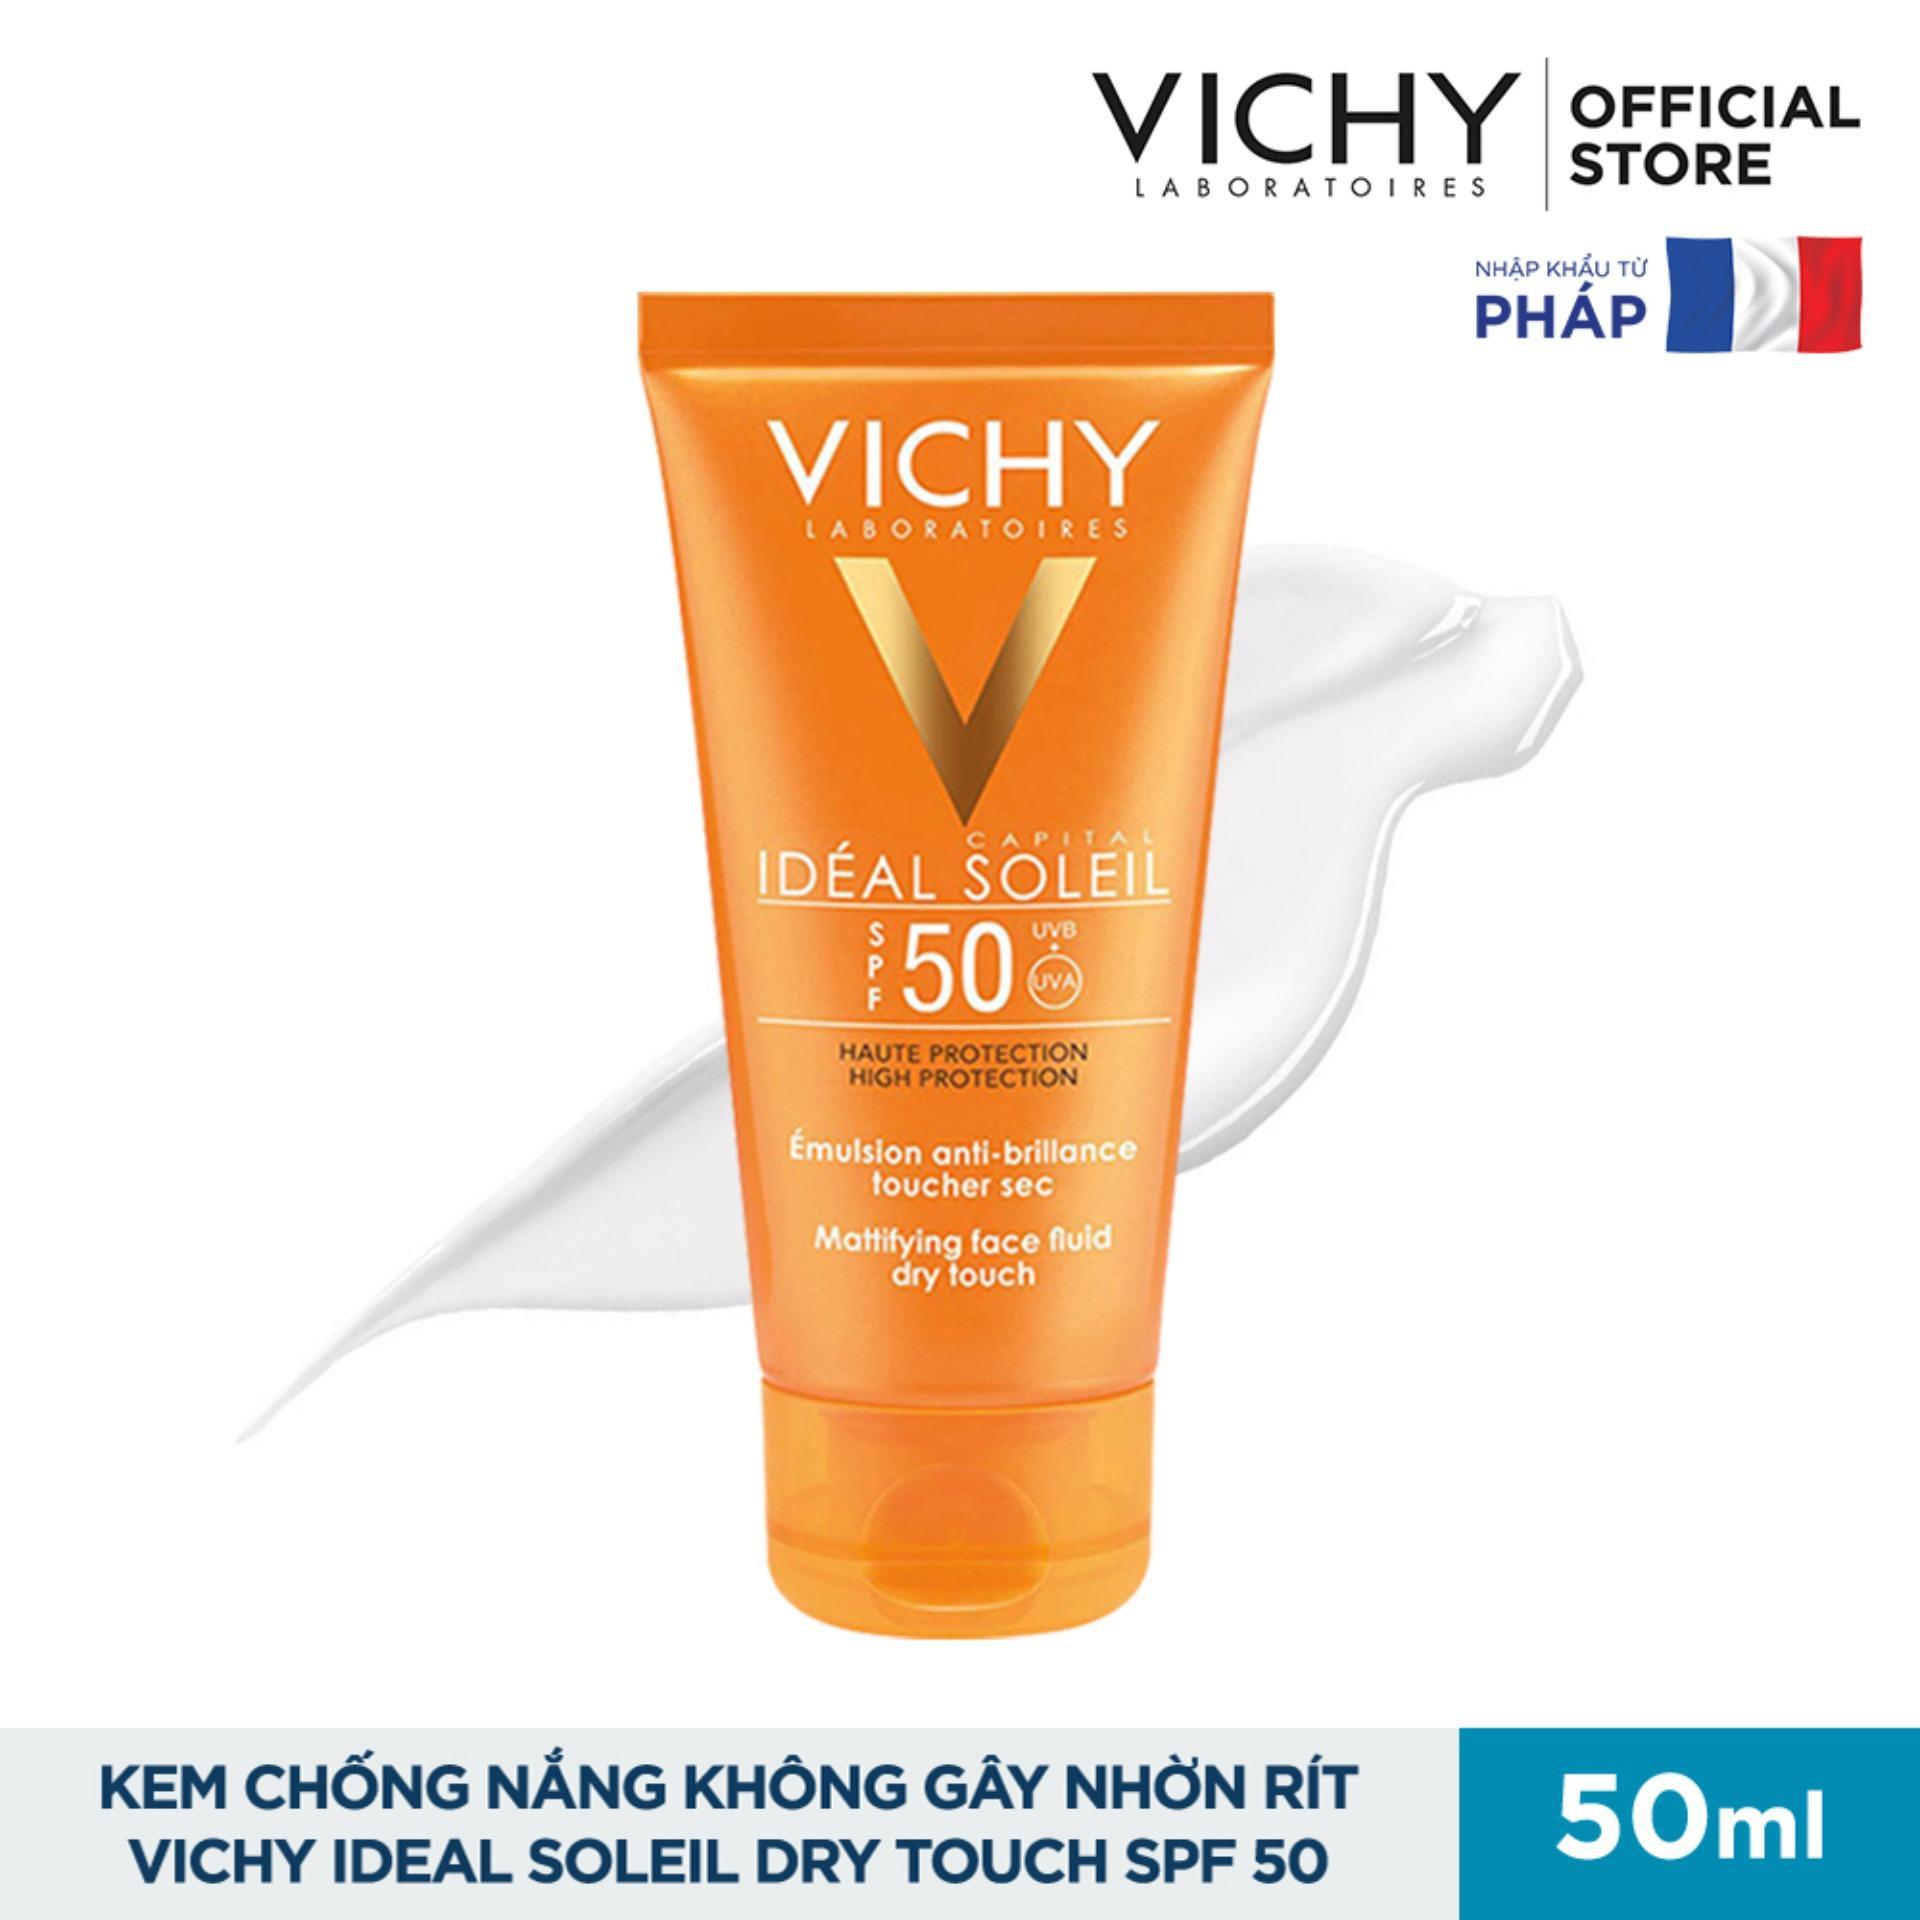 Kem Chống Nắng Không Gây Nhờn Rít Vichy Ideal Soleil Dry Touch SPF 50 Chống Tia UVA + UVB 50ml Đang Có Giảm Giá